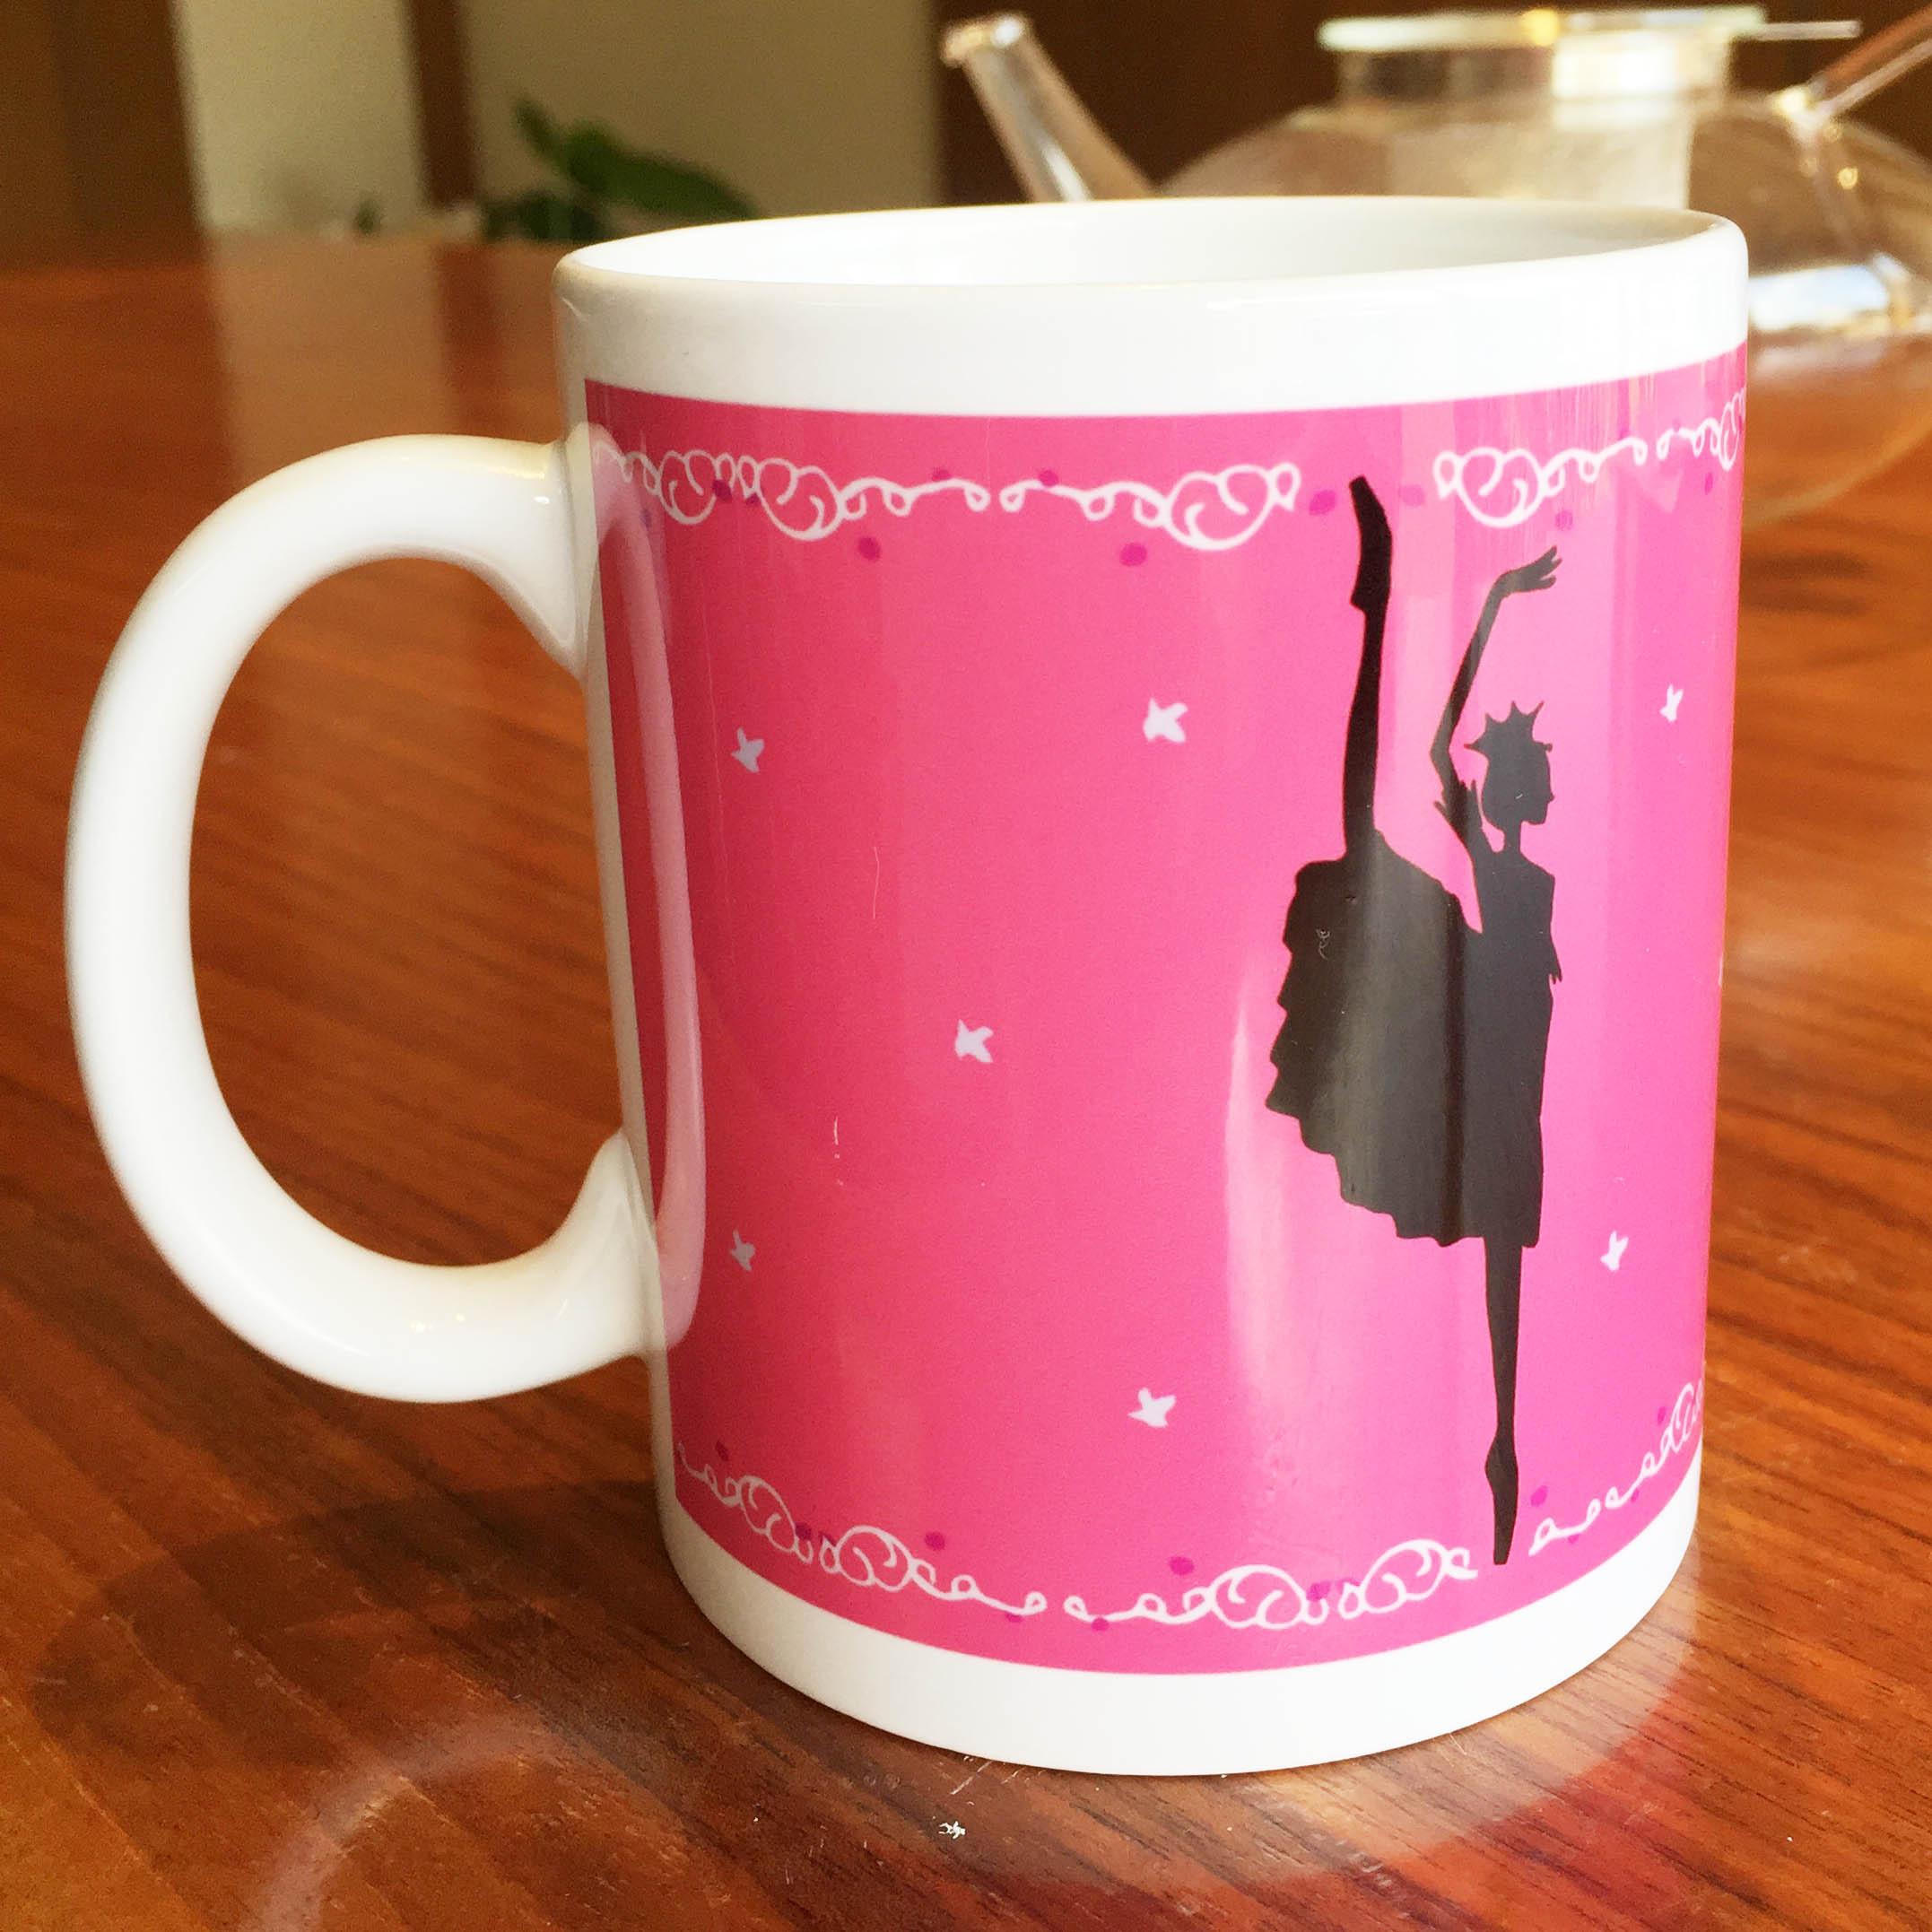 リラの精 マグカップ - 画像2